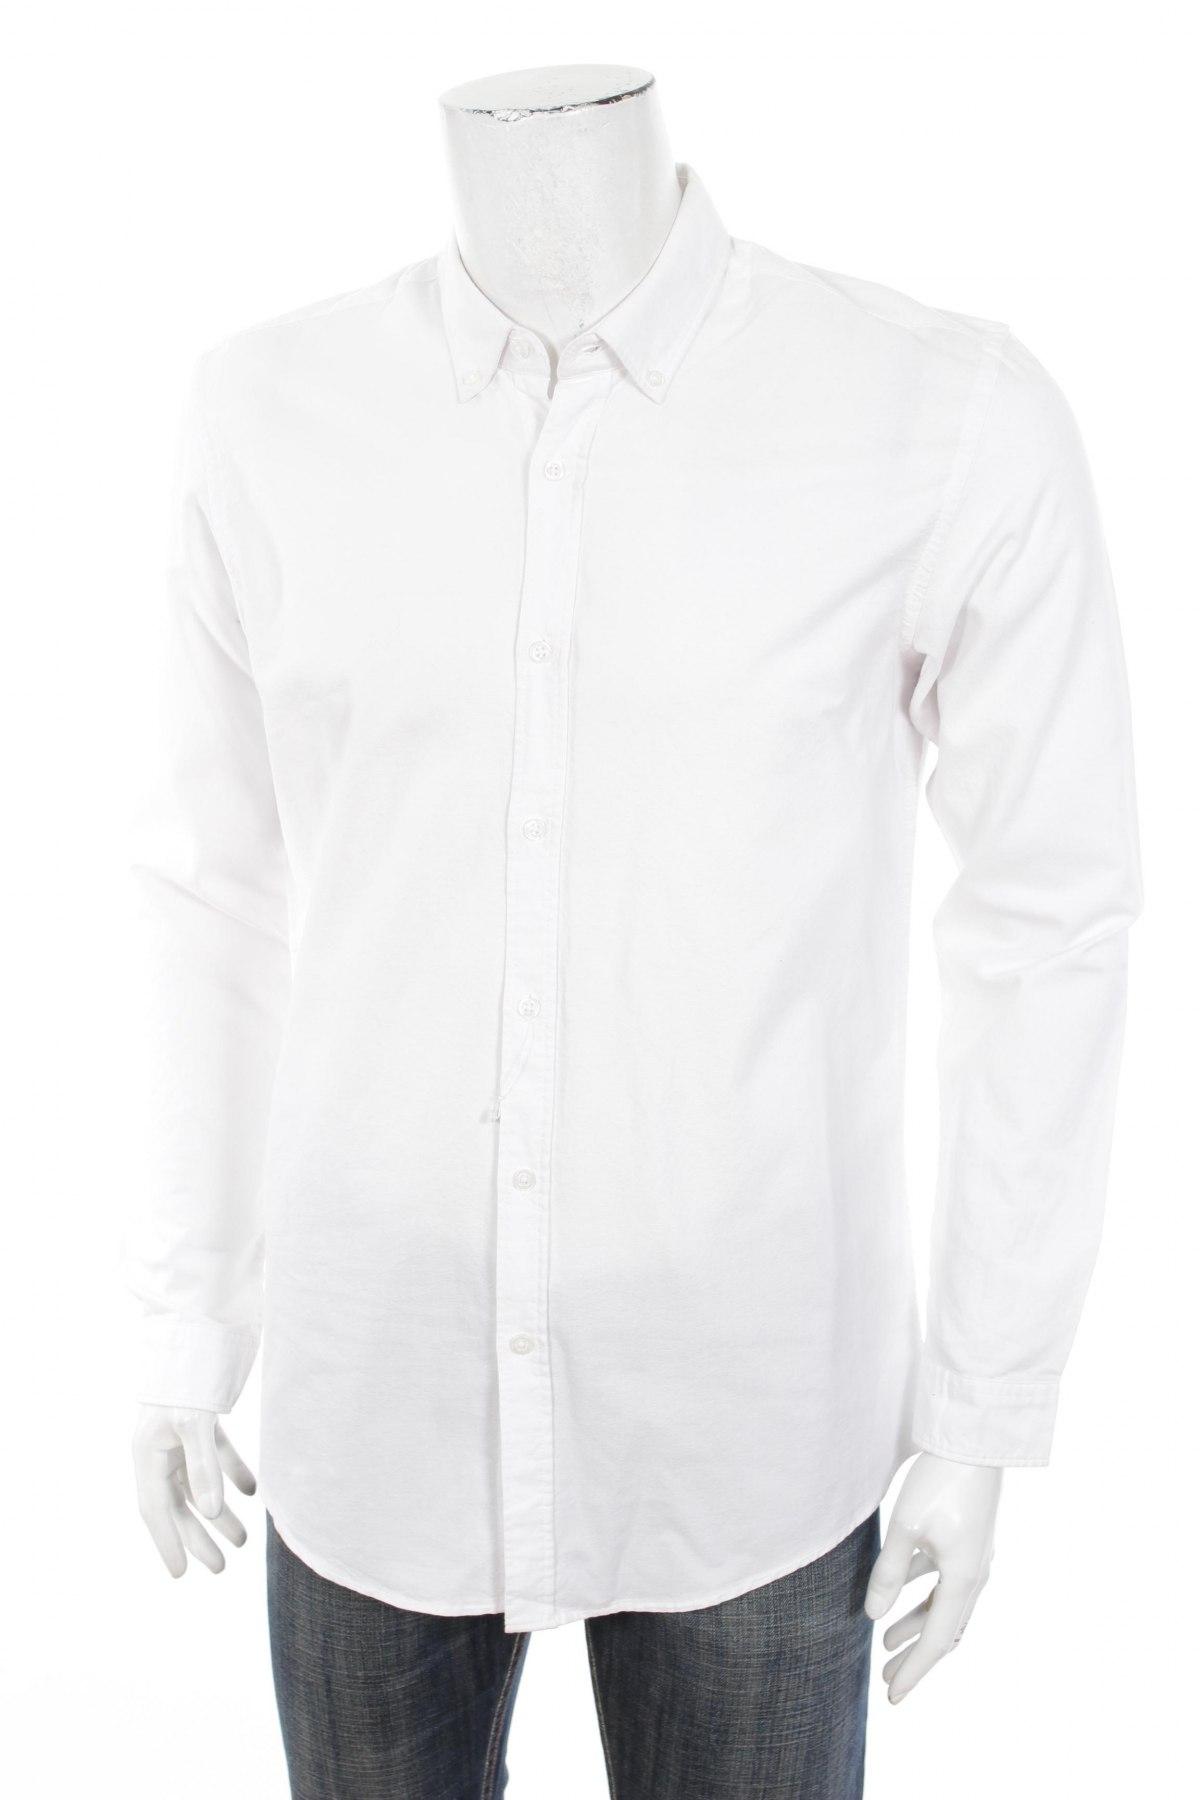 Pánská košile Mr. F - za vyhodnou cenu na Remix -  8423201 831858cf0b